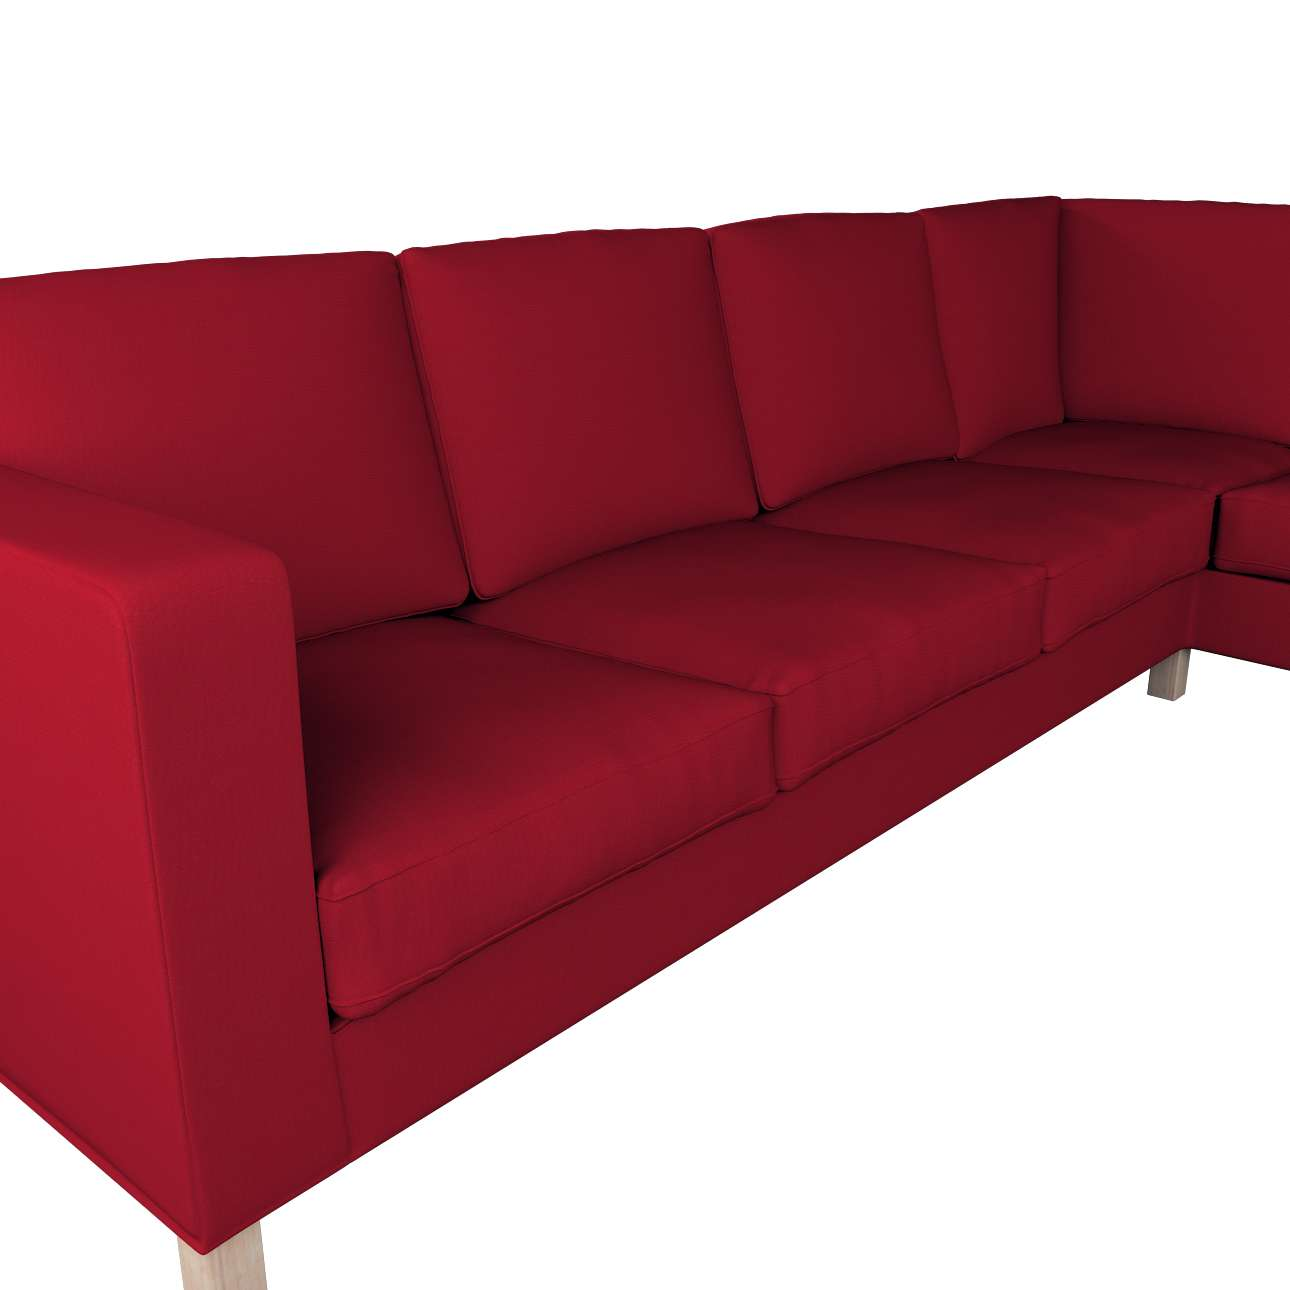 Pokrowiec na sofę narożną lewostronną Karlanda w kolekcji Etna, tkanina: 705-60